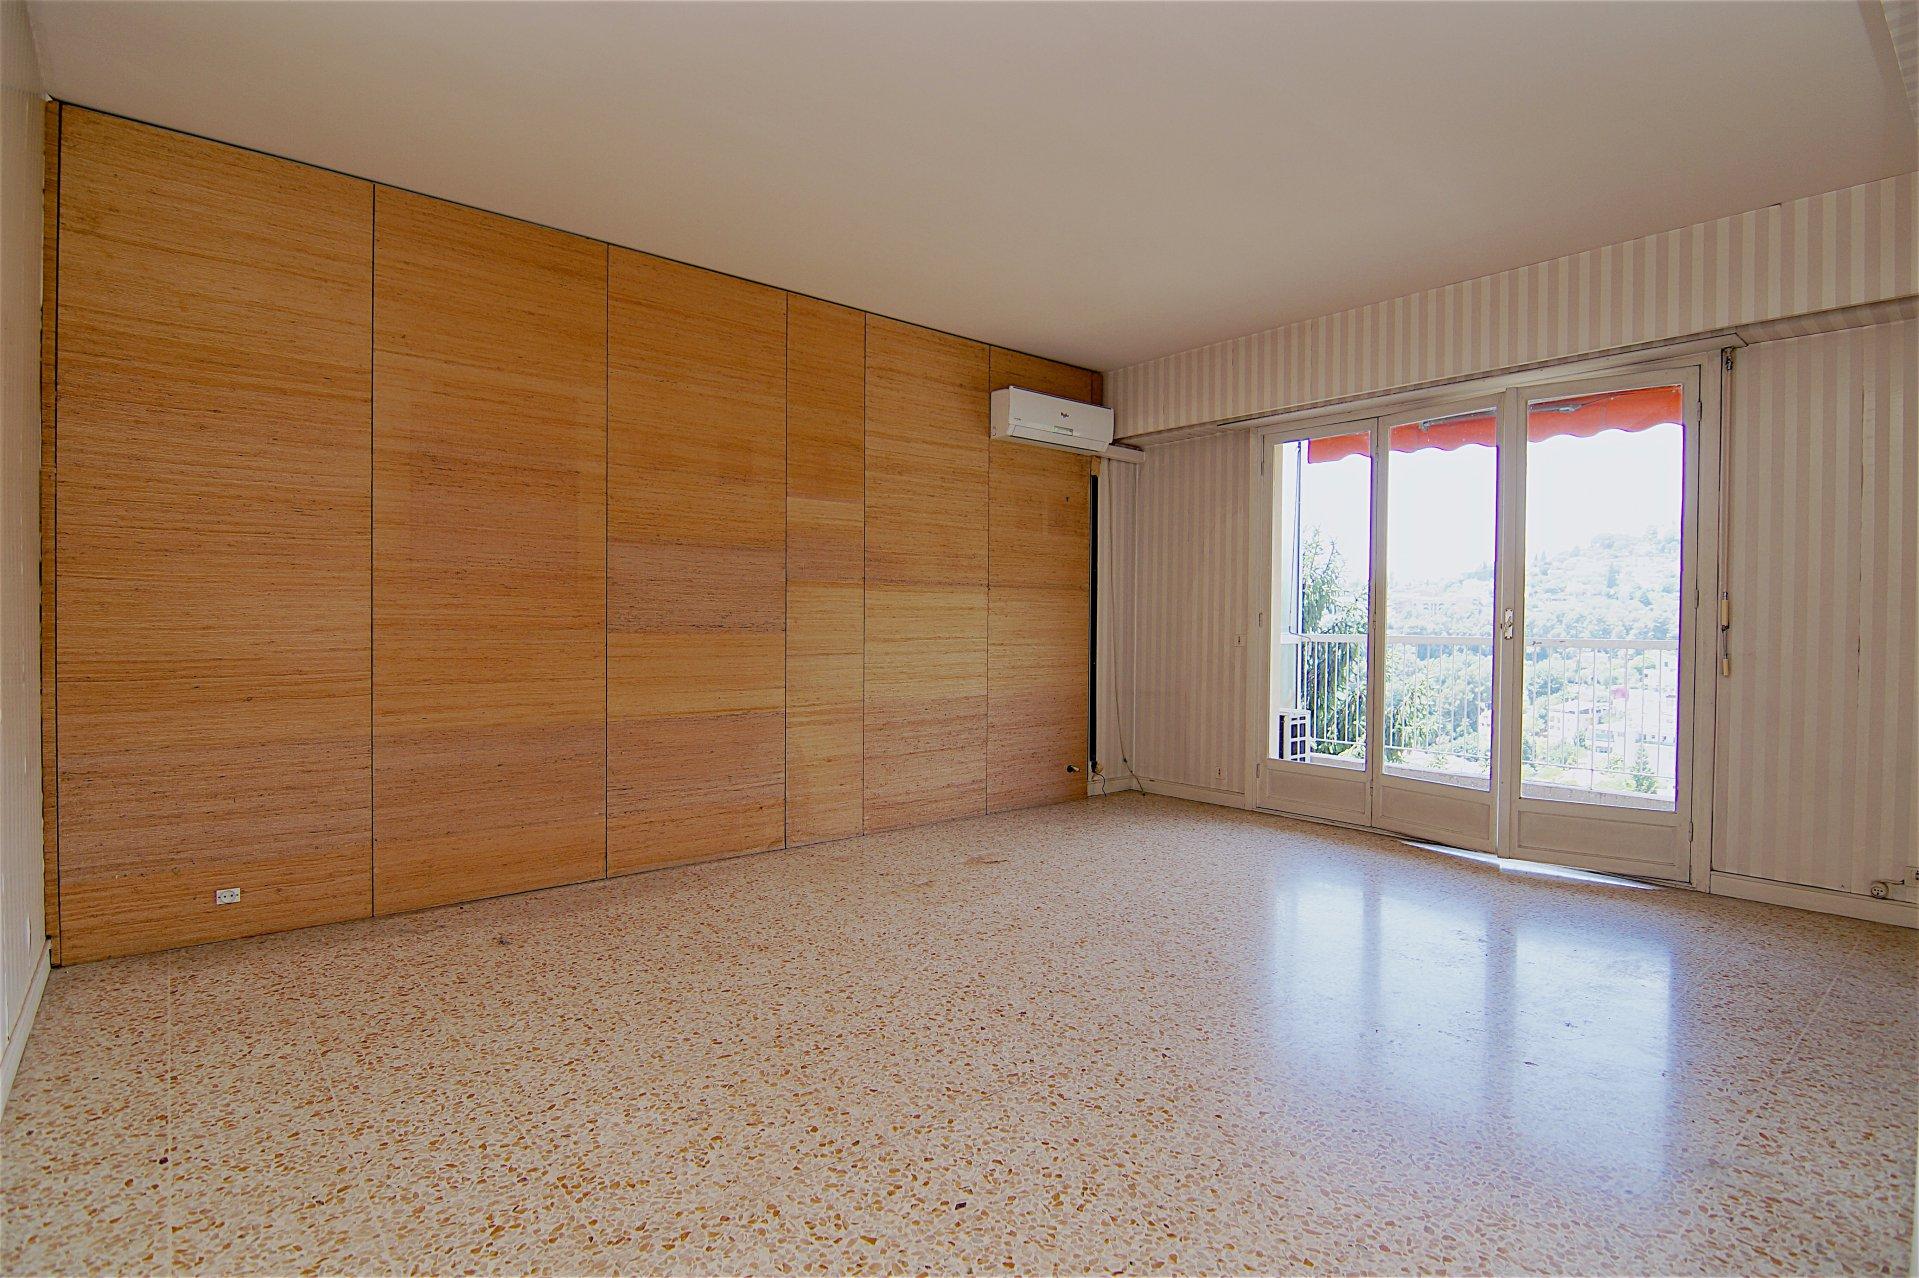 A vendre, 4 pièces 84m², Nice - Cimiez